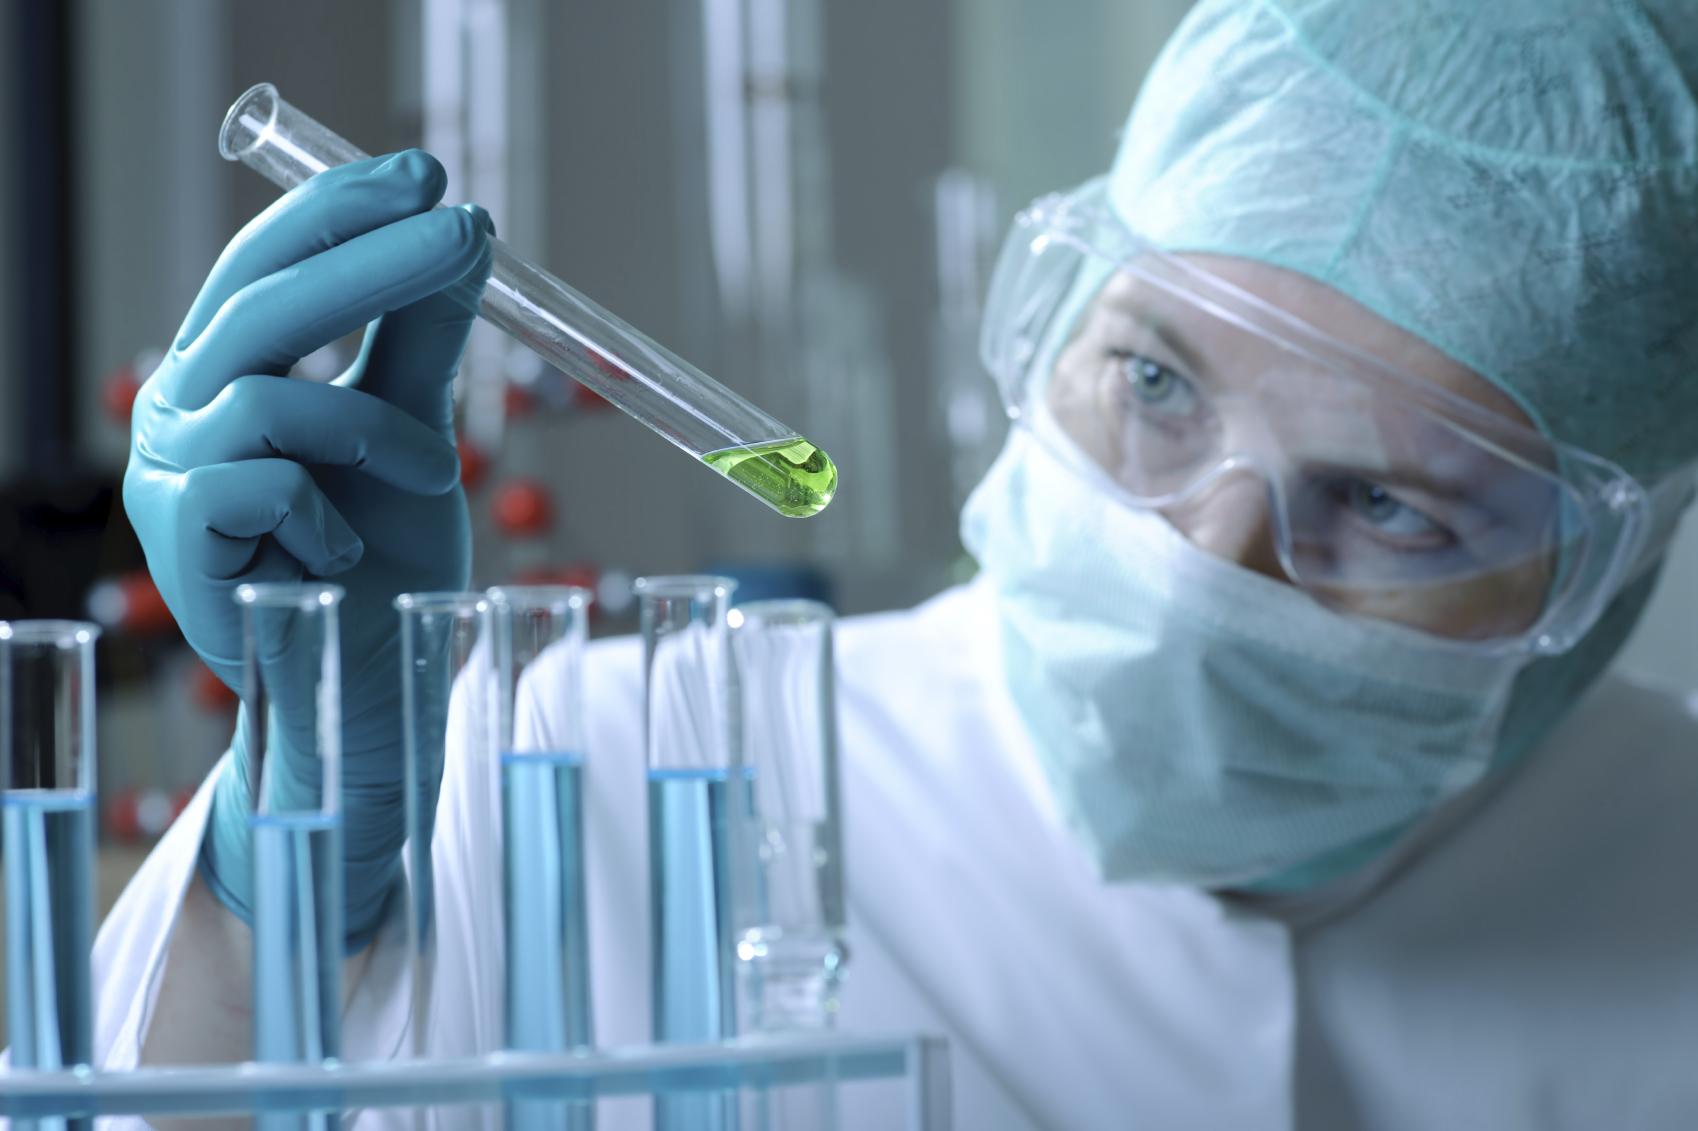 مركز أبحاث مؤسسة الجليلة يخصص 5 مليون درهم  للارتقاء بالأبحاث الطبية في الإمارات العربية المتحدة